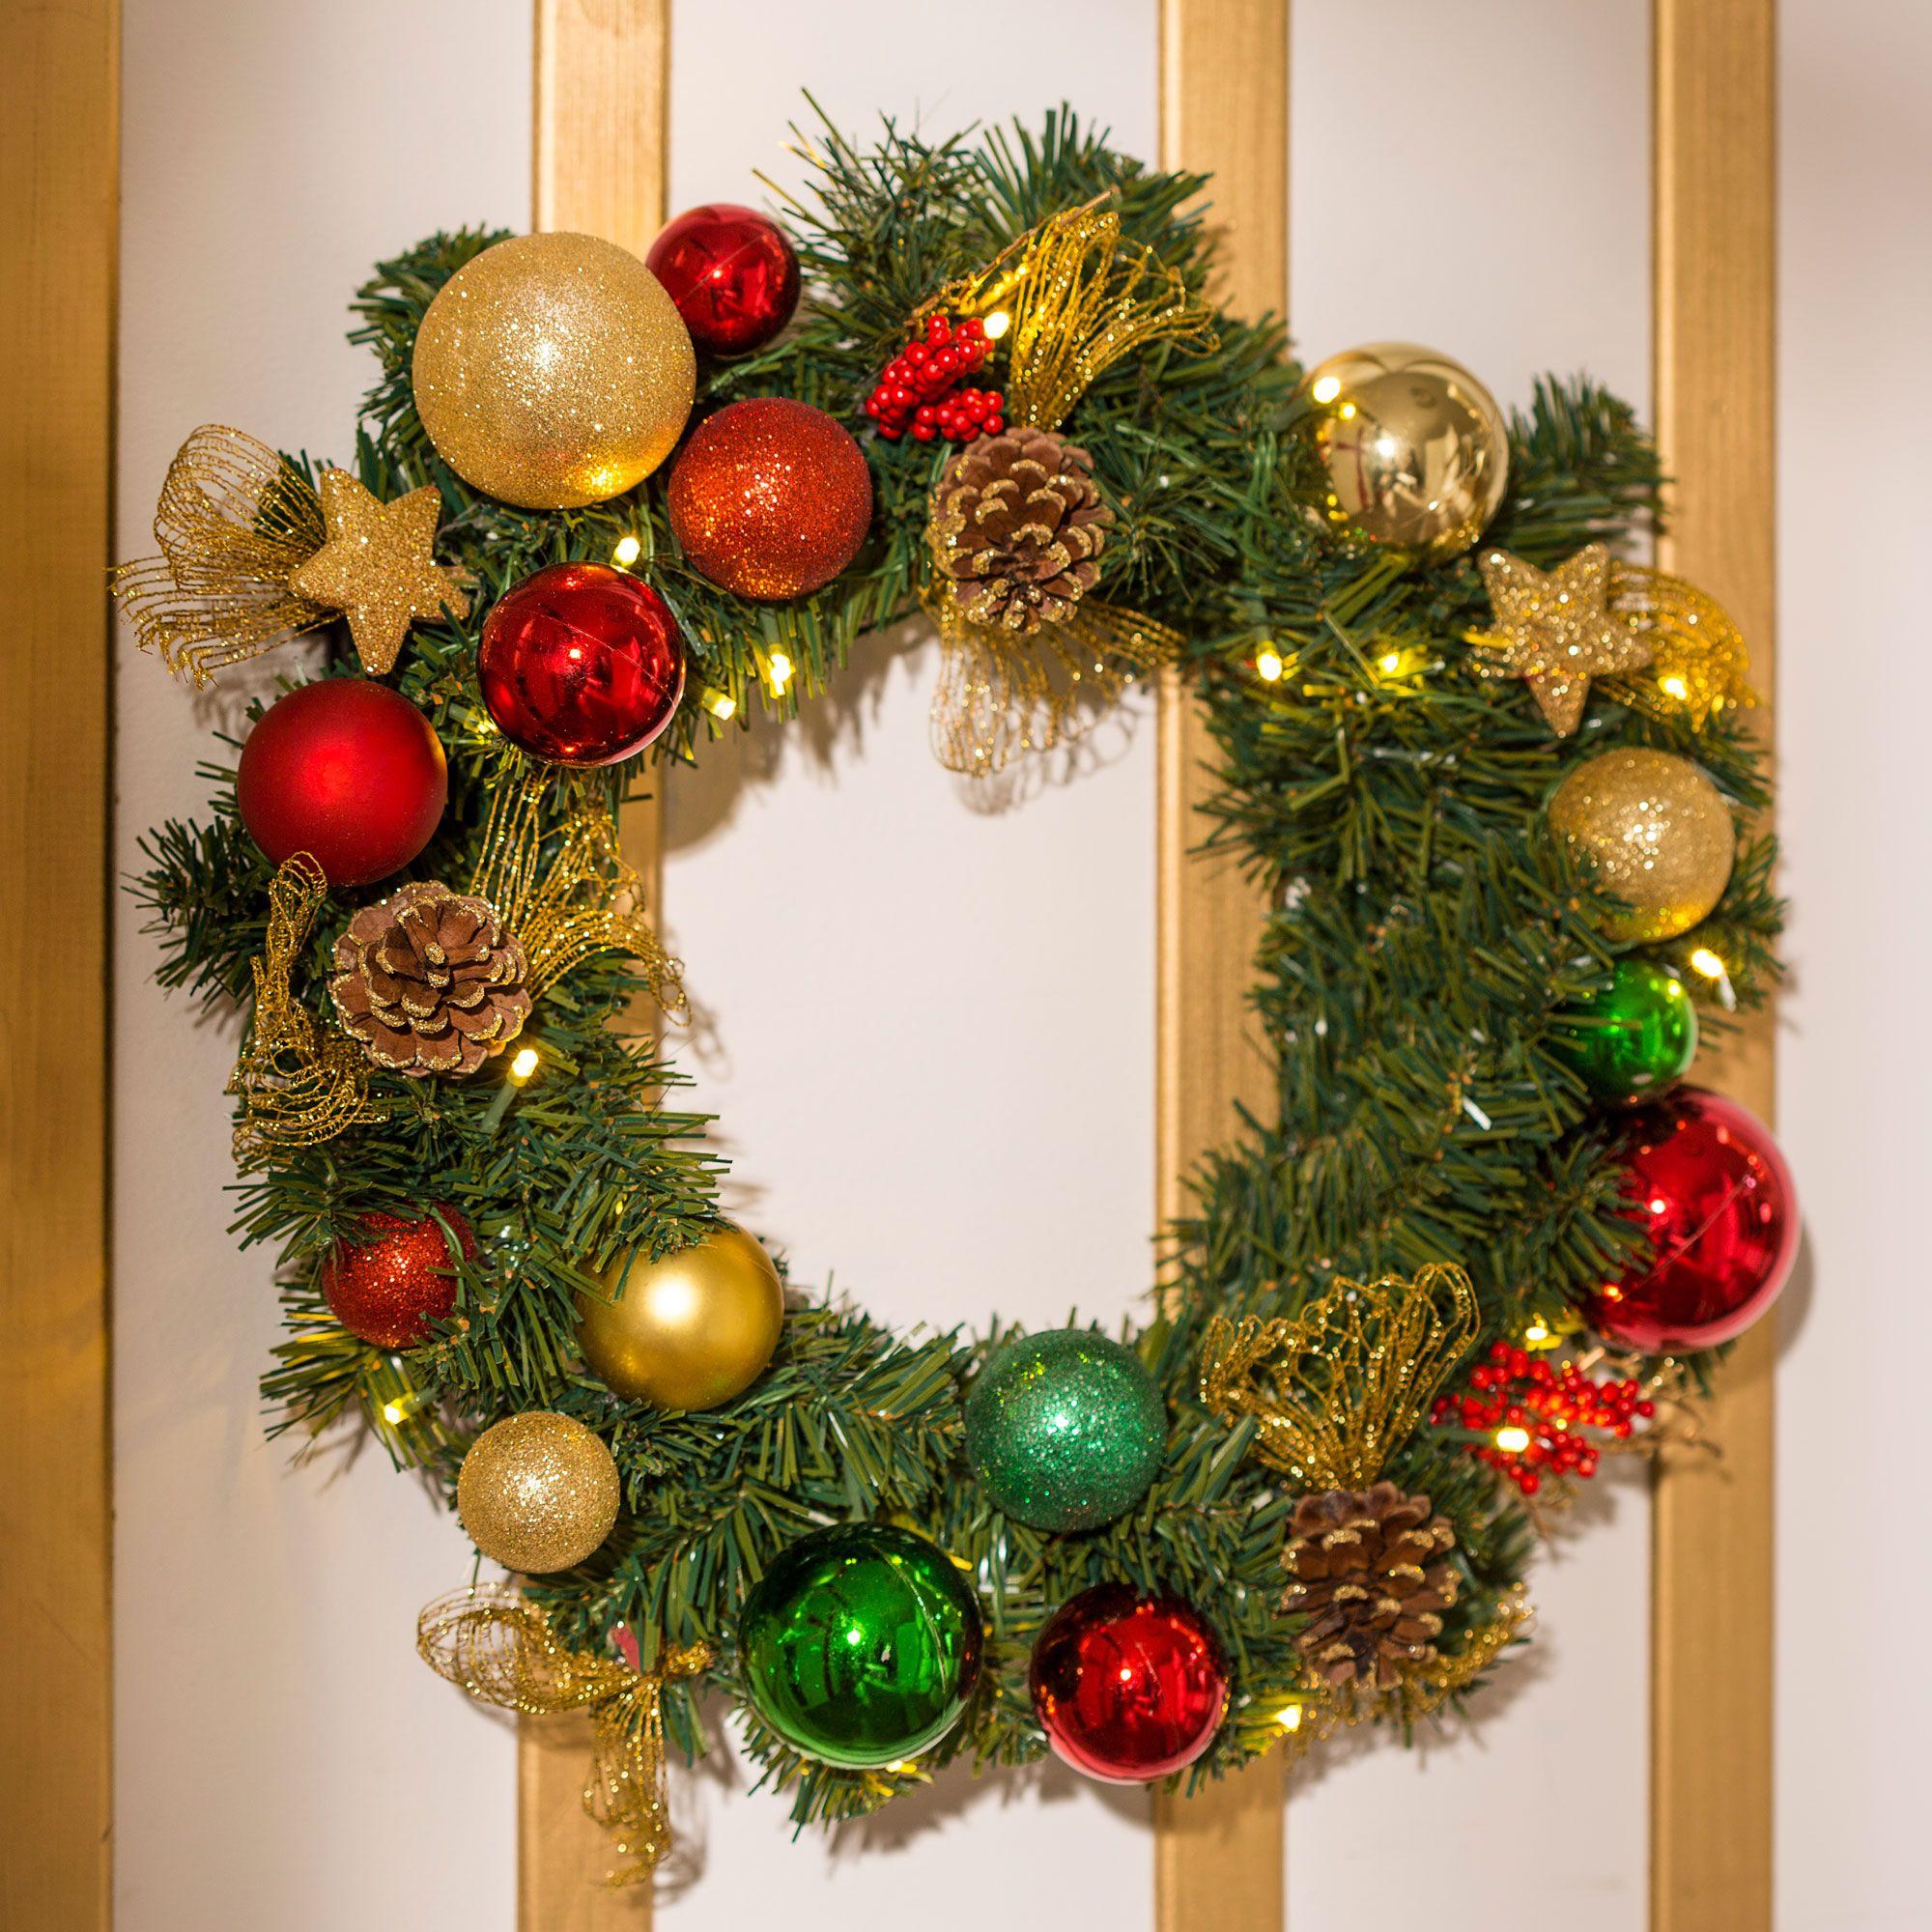 Decoración navideña tradicional en rojo, blanco y verde